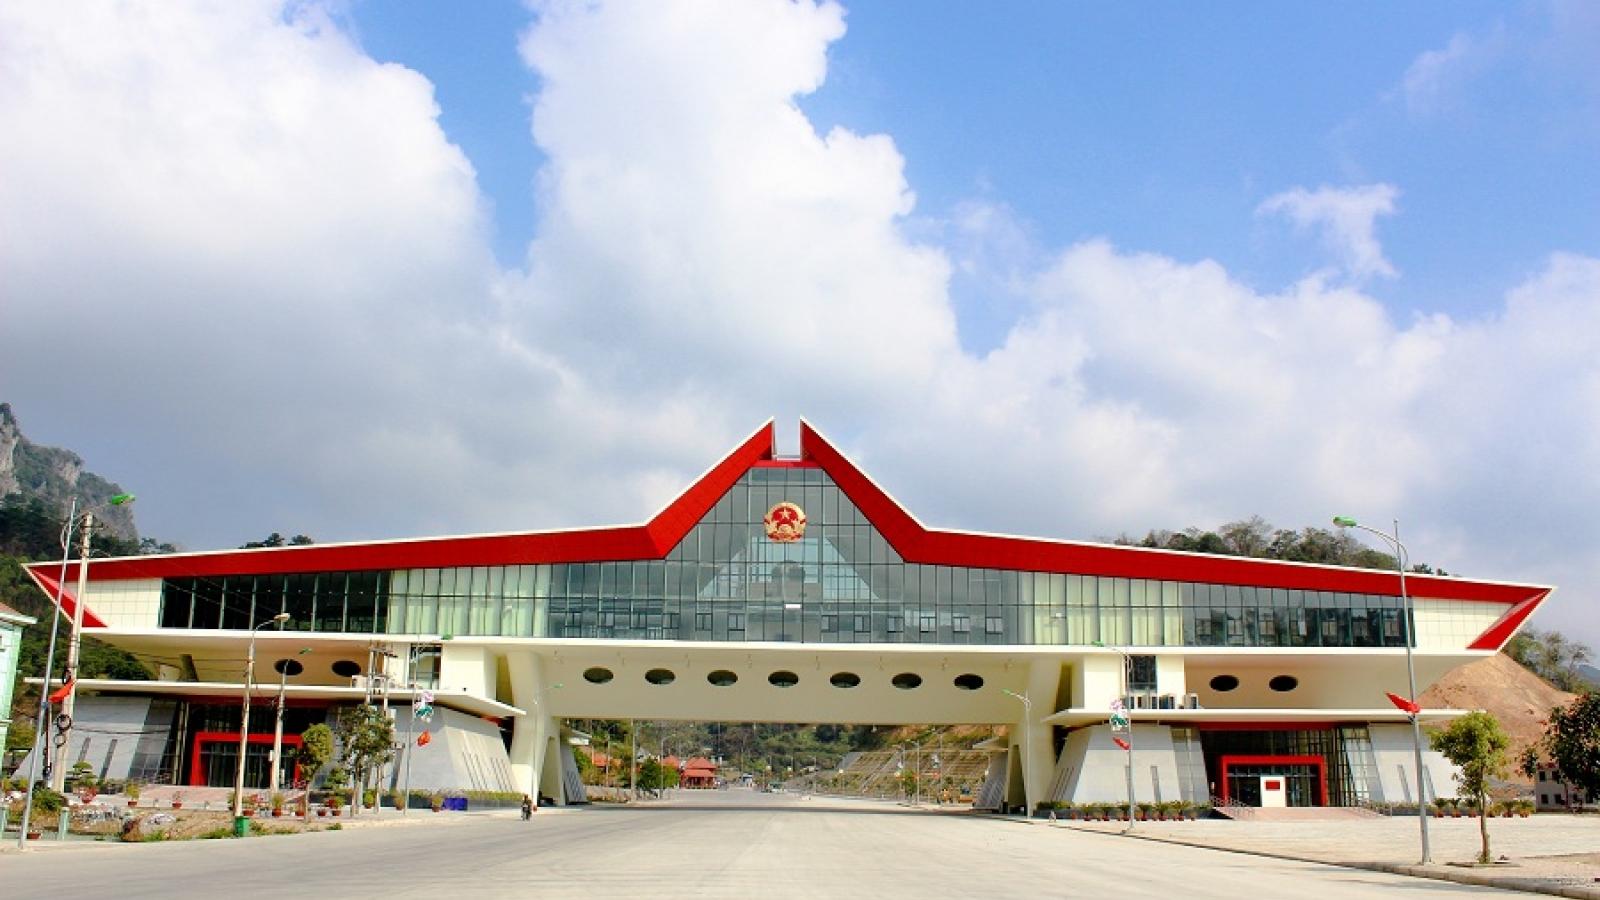 Truy vết, cách ly những người liên quan đến ca nhiễm COVID-19qua cửa khẩu ở Lạng Sơn